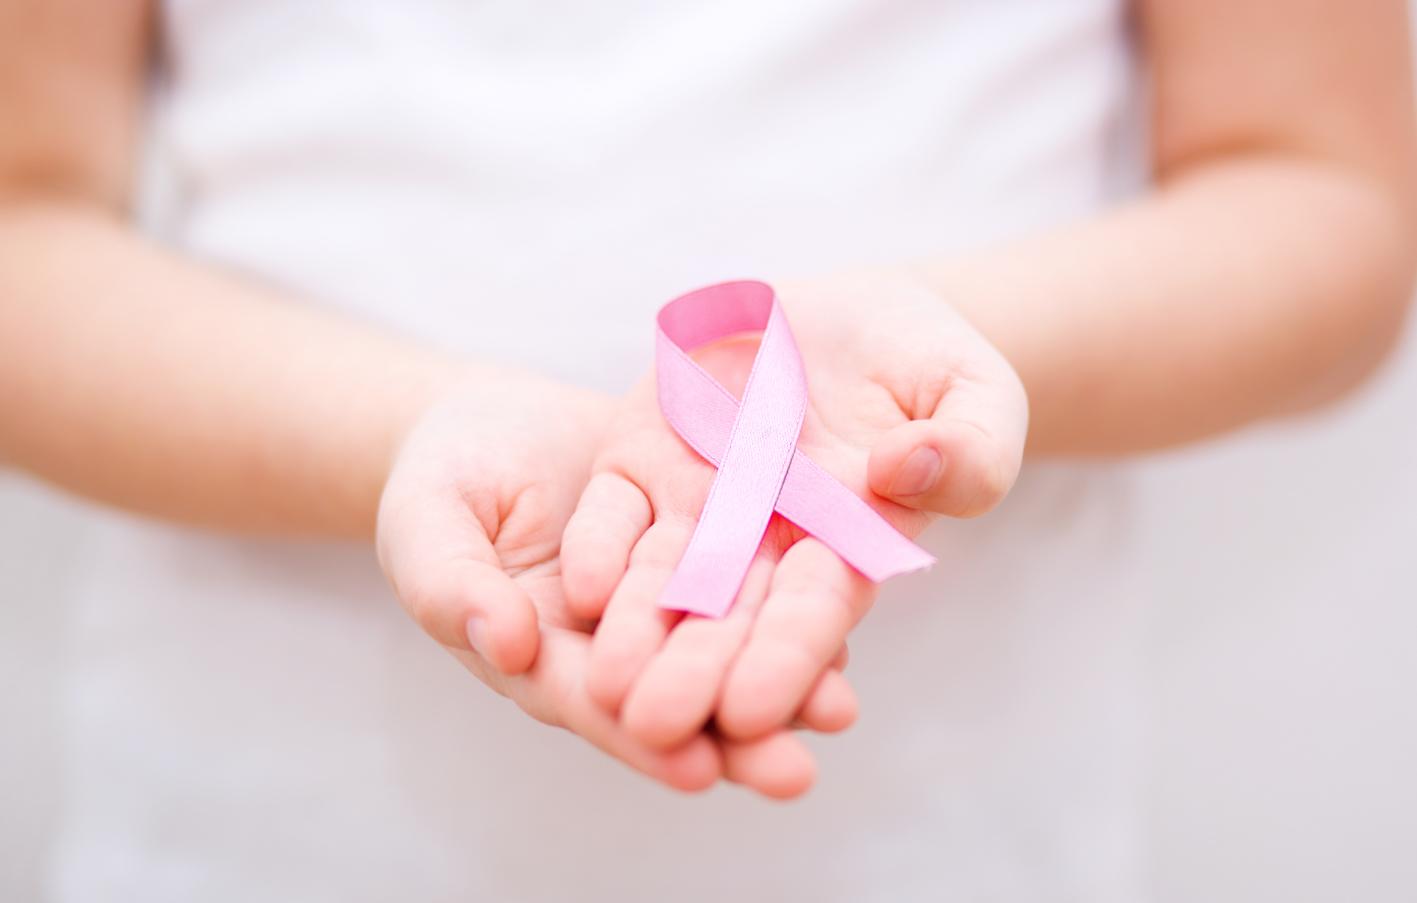 Δείκτες που Συμβάλλουν στην Αντιμετώπιση του Καρκίνου